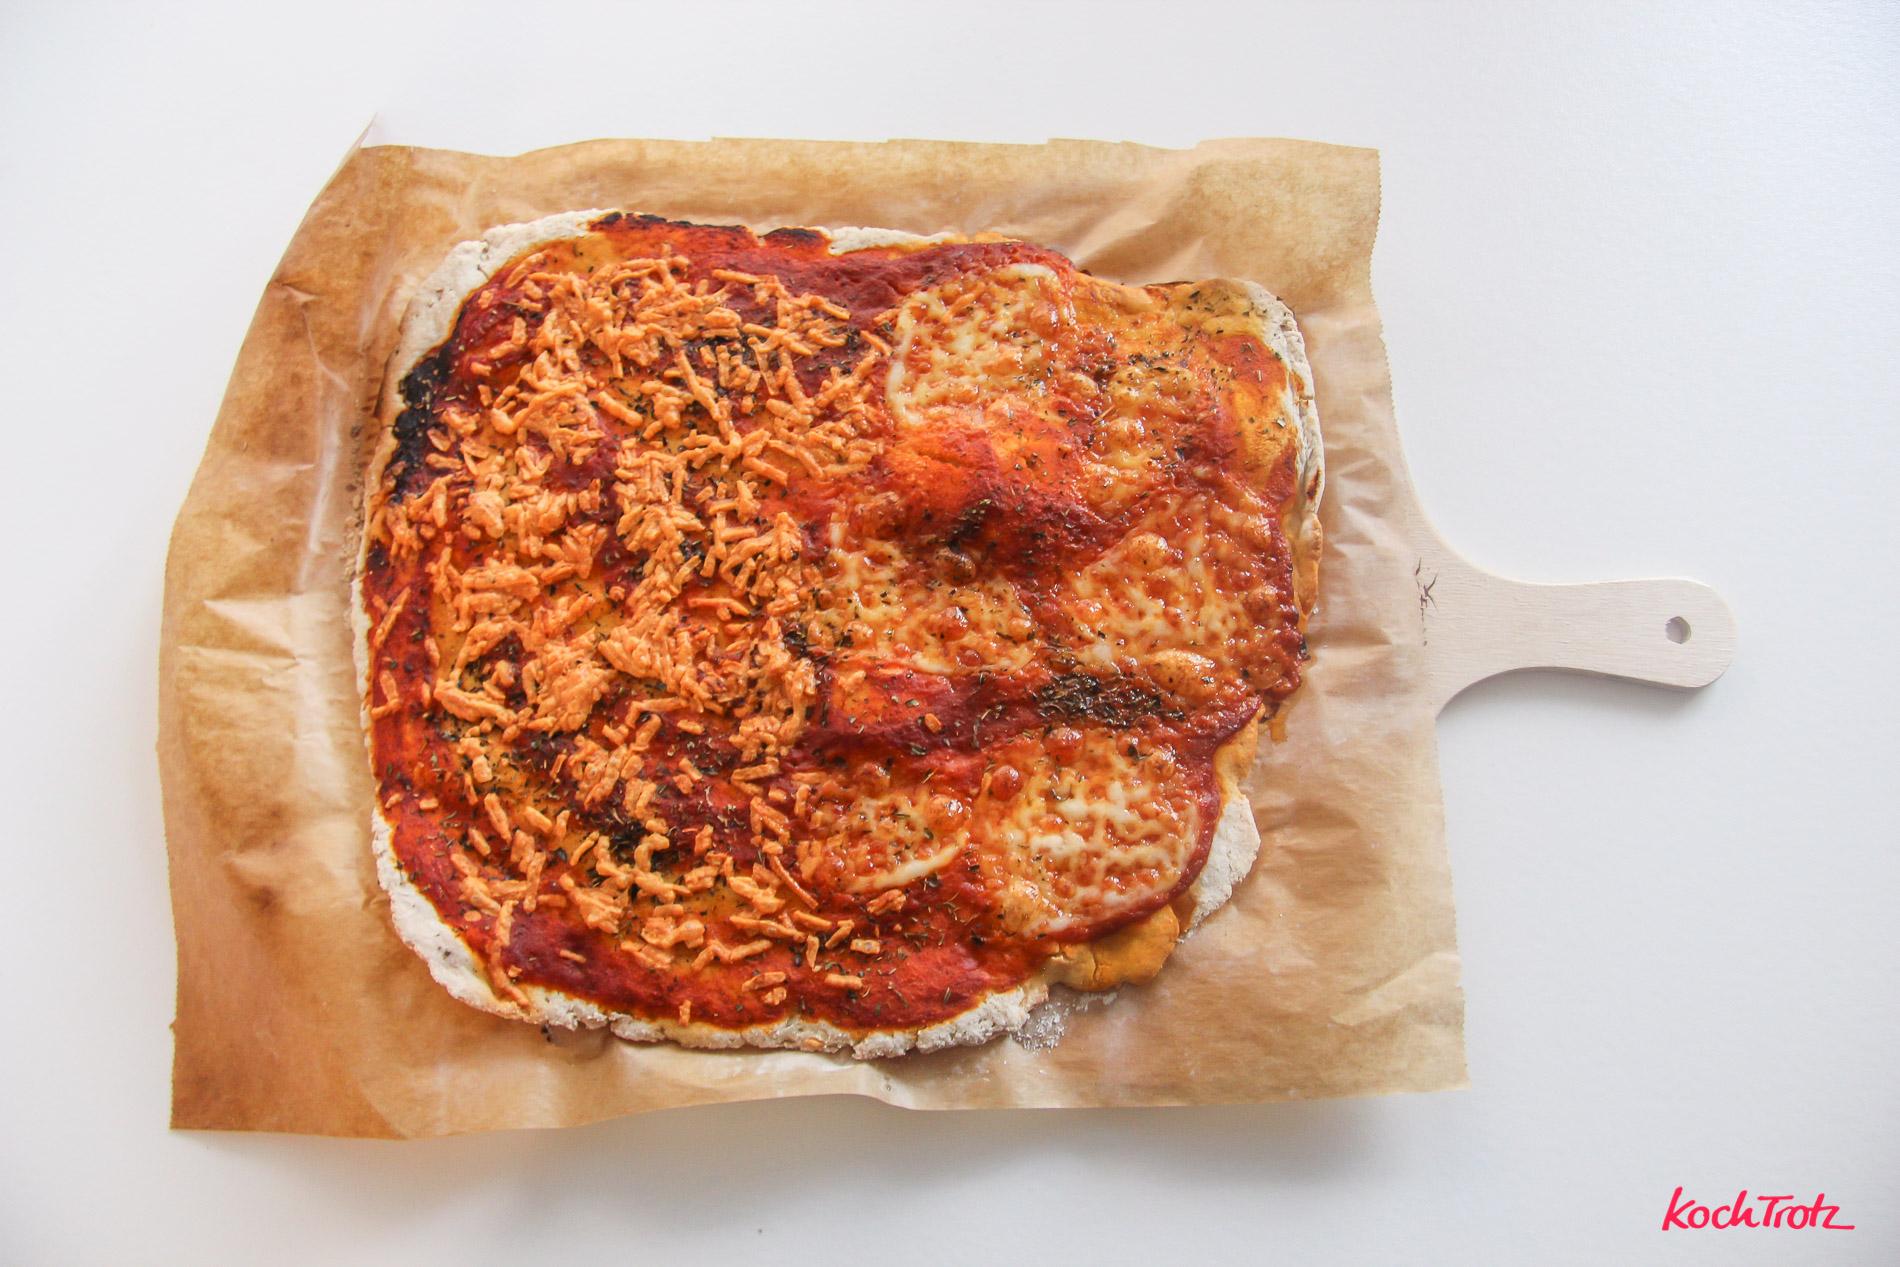 Glutenfreier Pizzateig Mit Hefe Und Hefefreier Variante Ohne